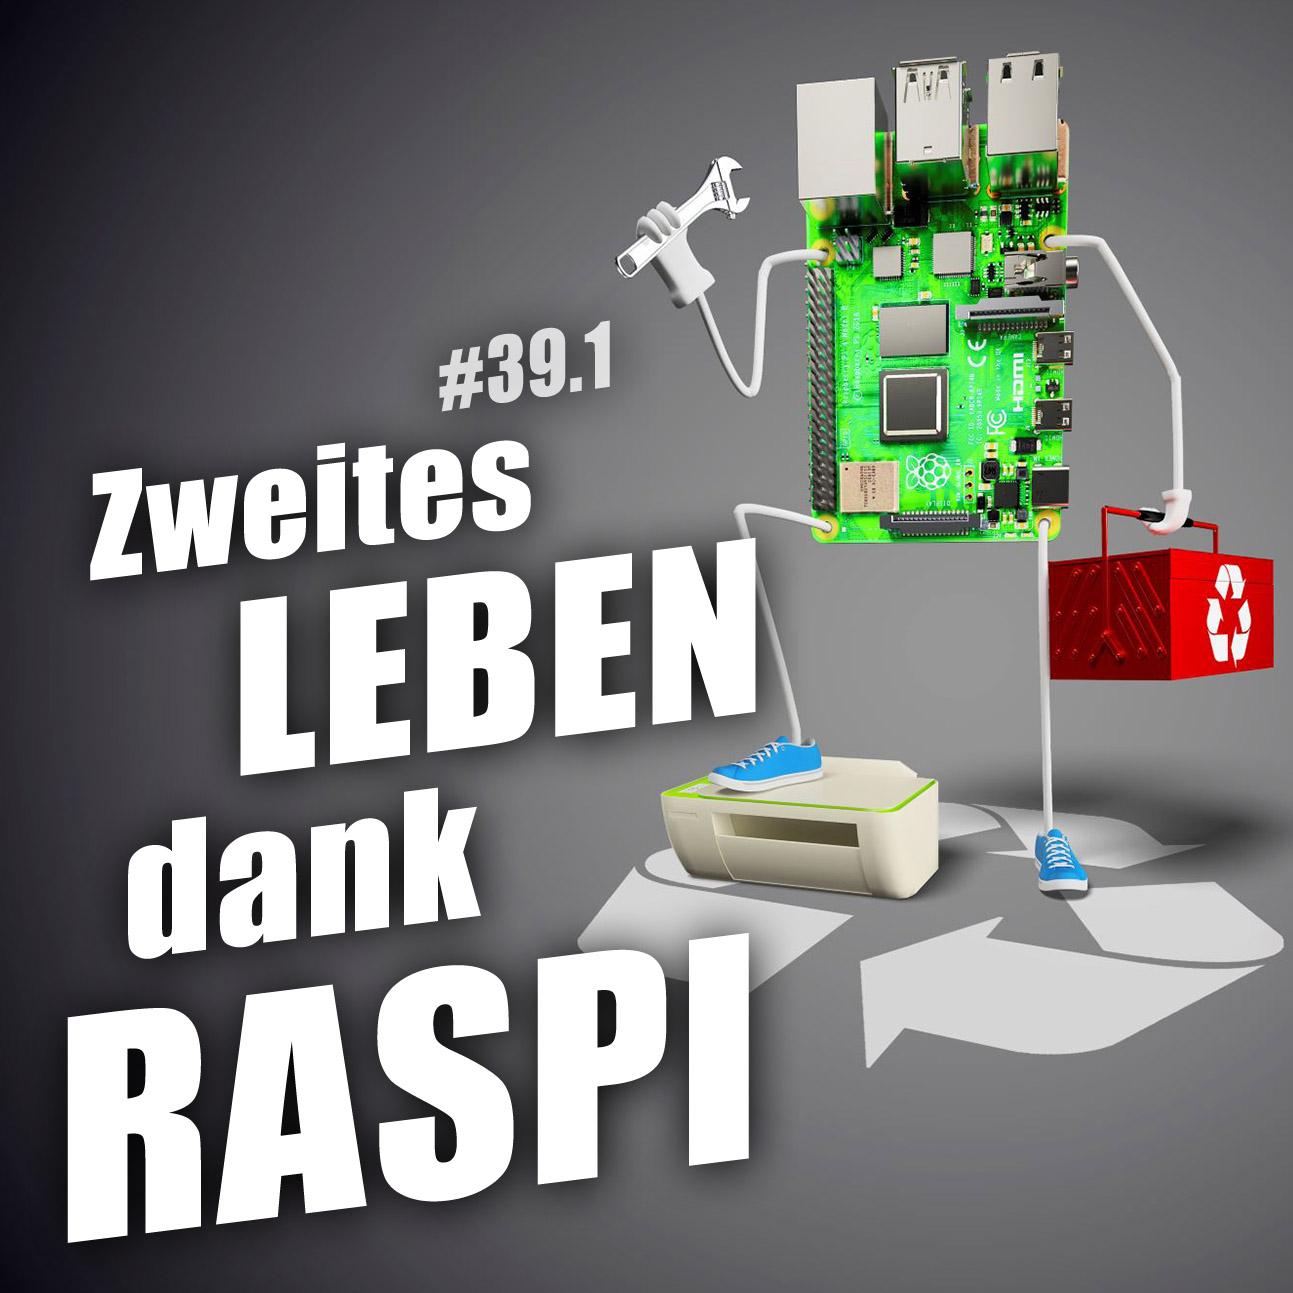 Upcycling mit dem Raspi | c't uplink 39.1